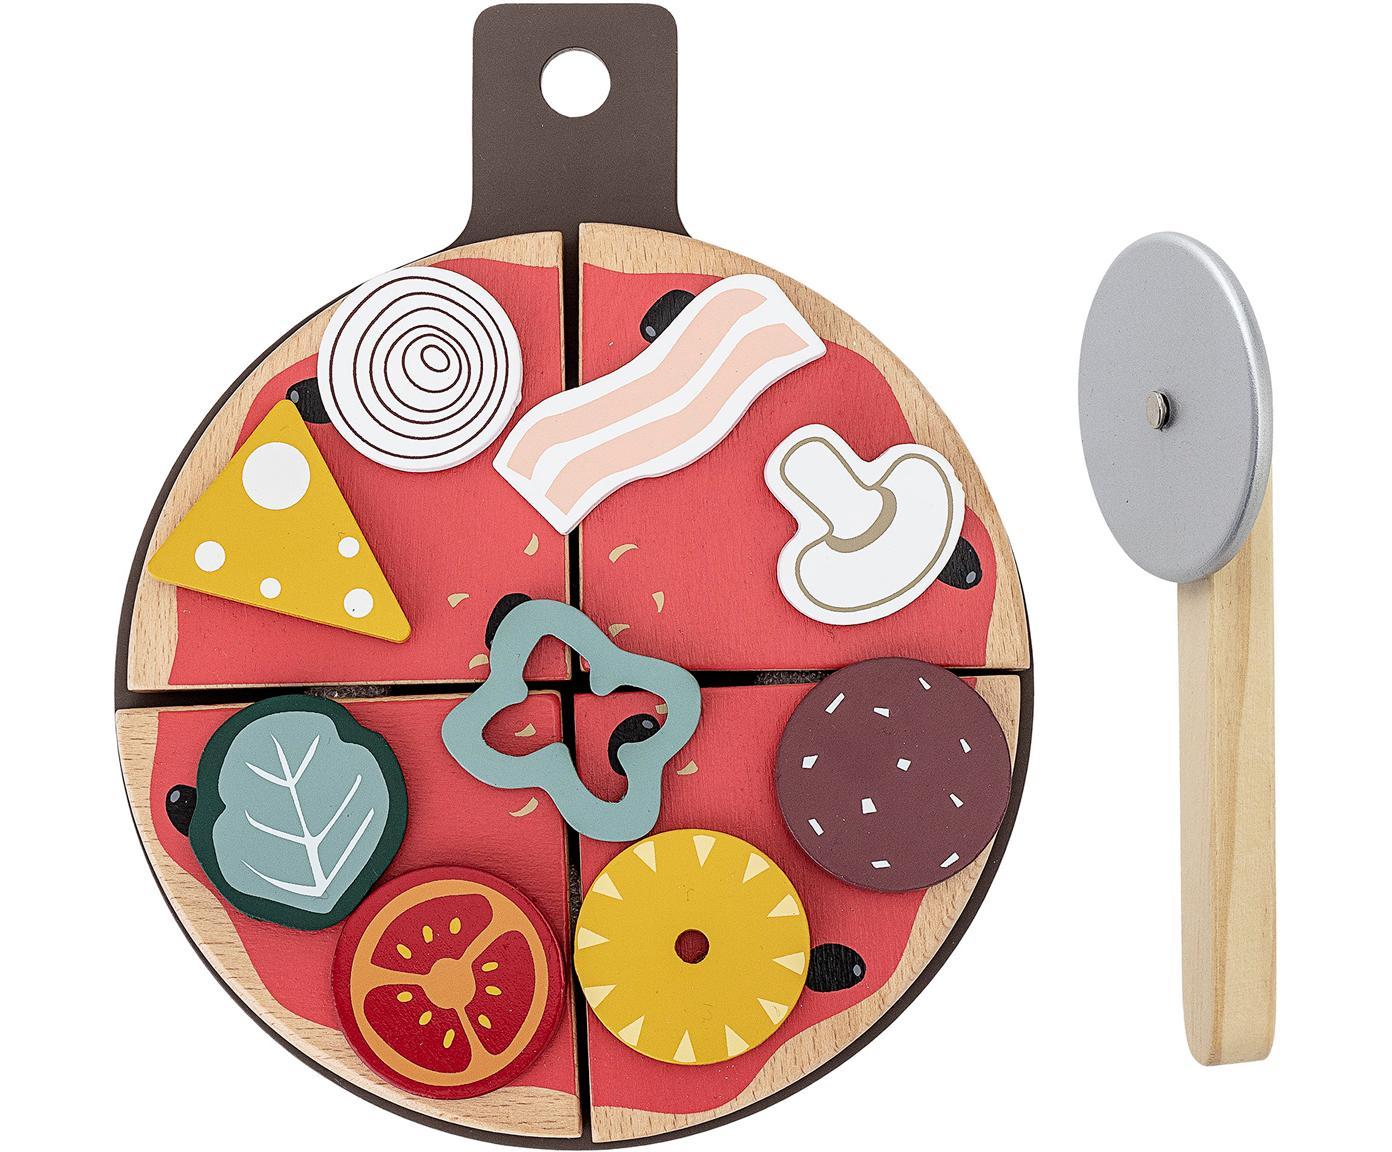 Zestaw zabawek Pizza, 15-elem., Drewno warstwowe, drewno brzozowe, Wielobarwny, S 20 x W 3 cm